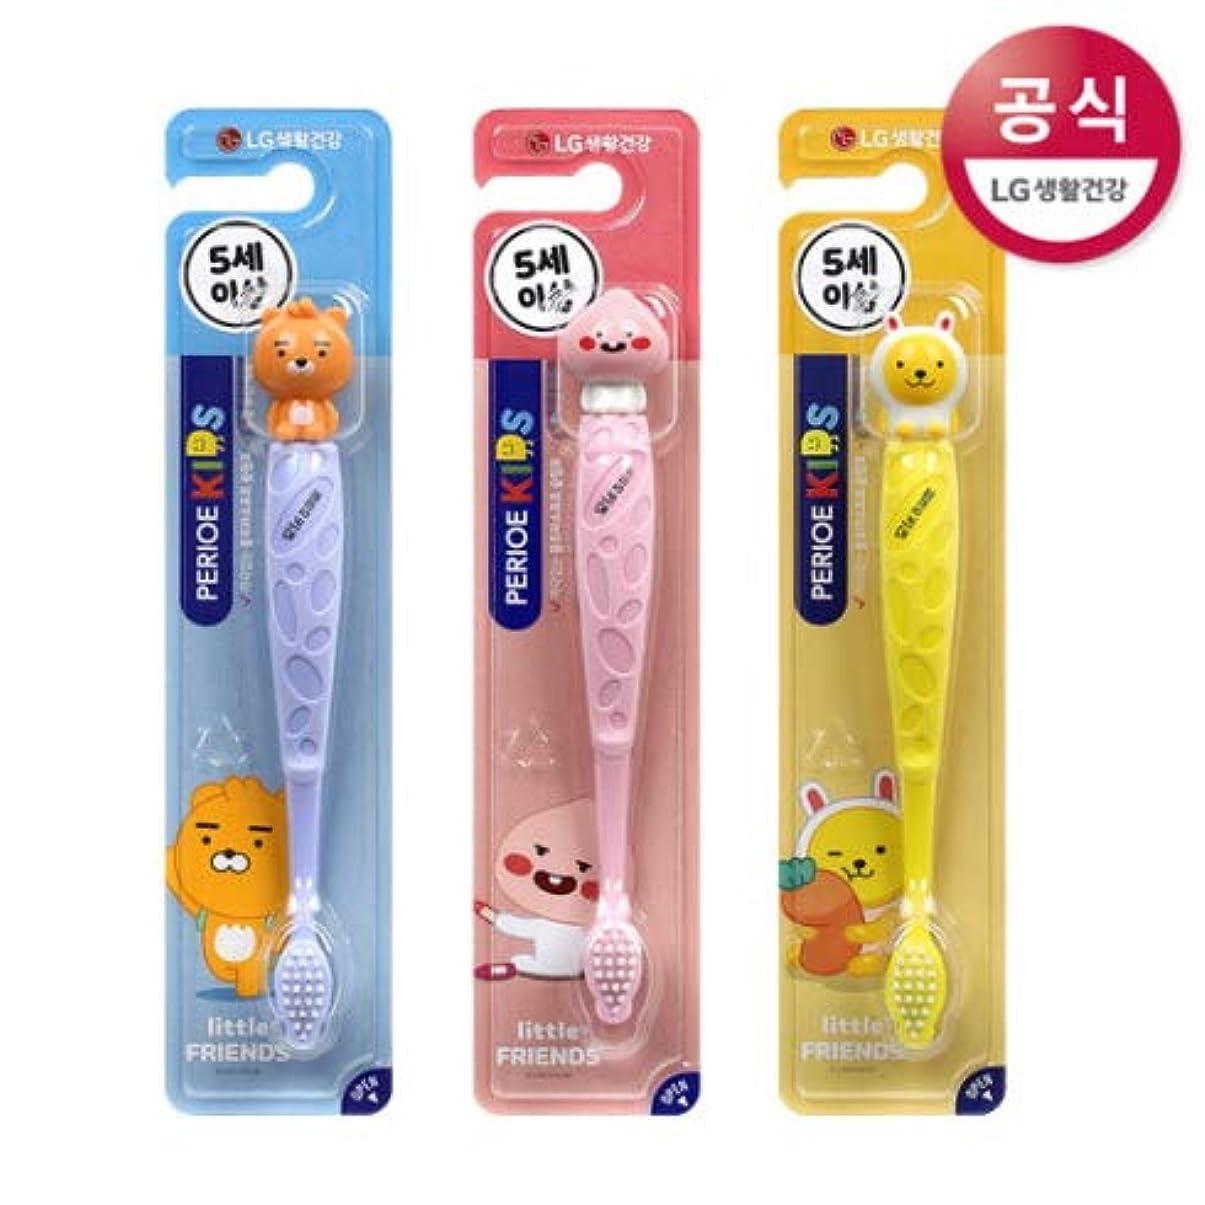 燃やす望む軽減する[LG HnB] Pero Kids Cocoa Figure Toothbrush/ペリオ子供カカオフィギュア歯ブラシ 1口x3個(海外直送品)